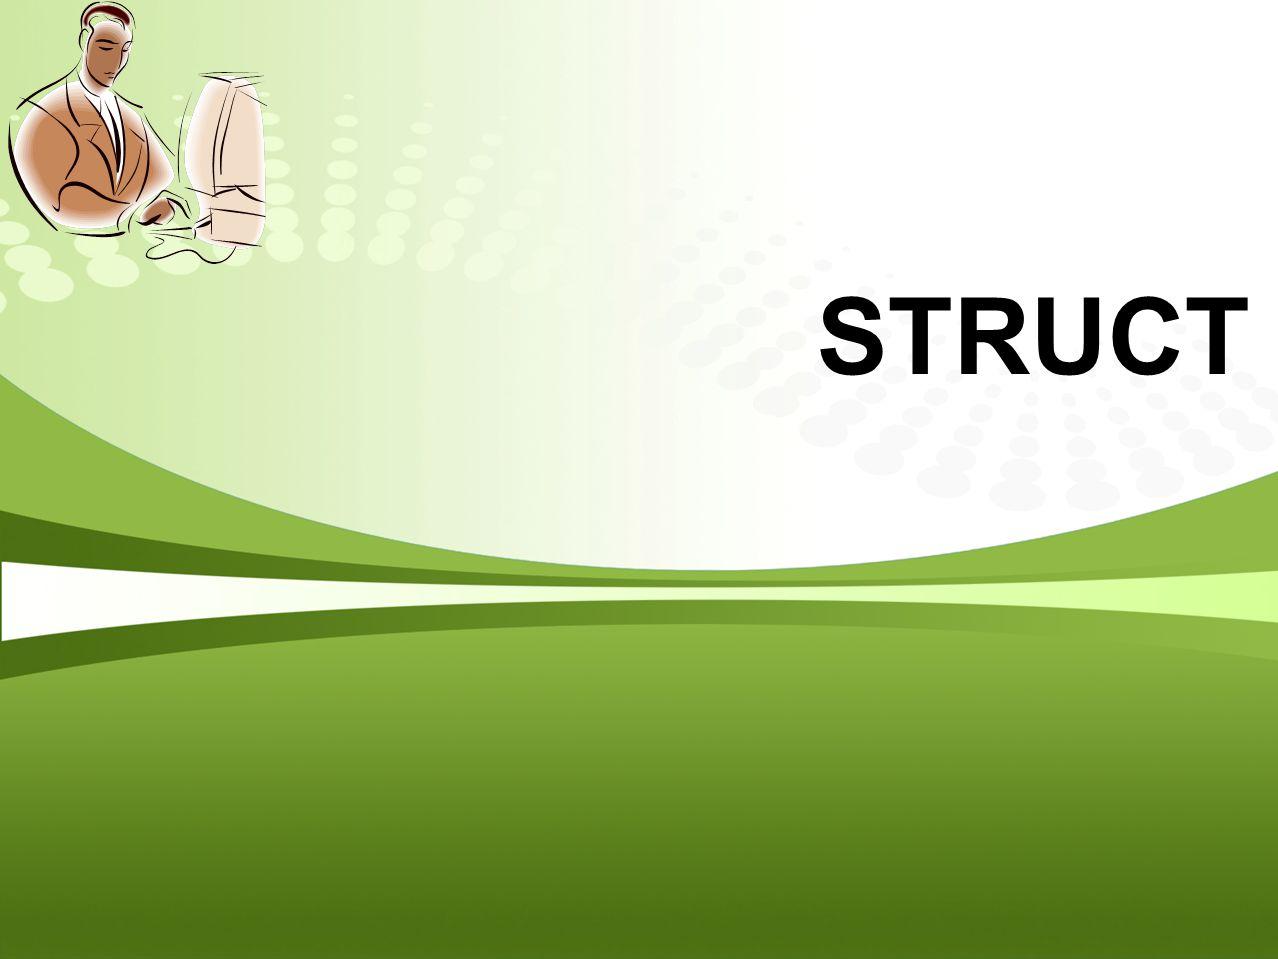 STRUCT